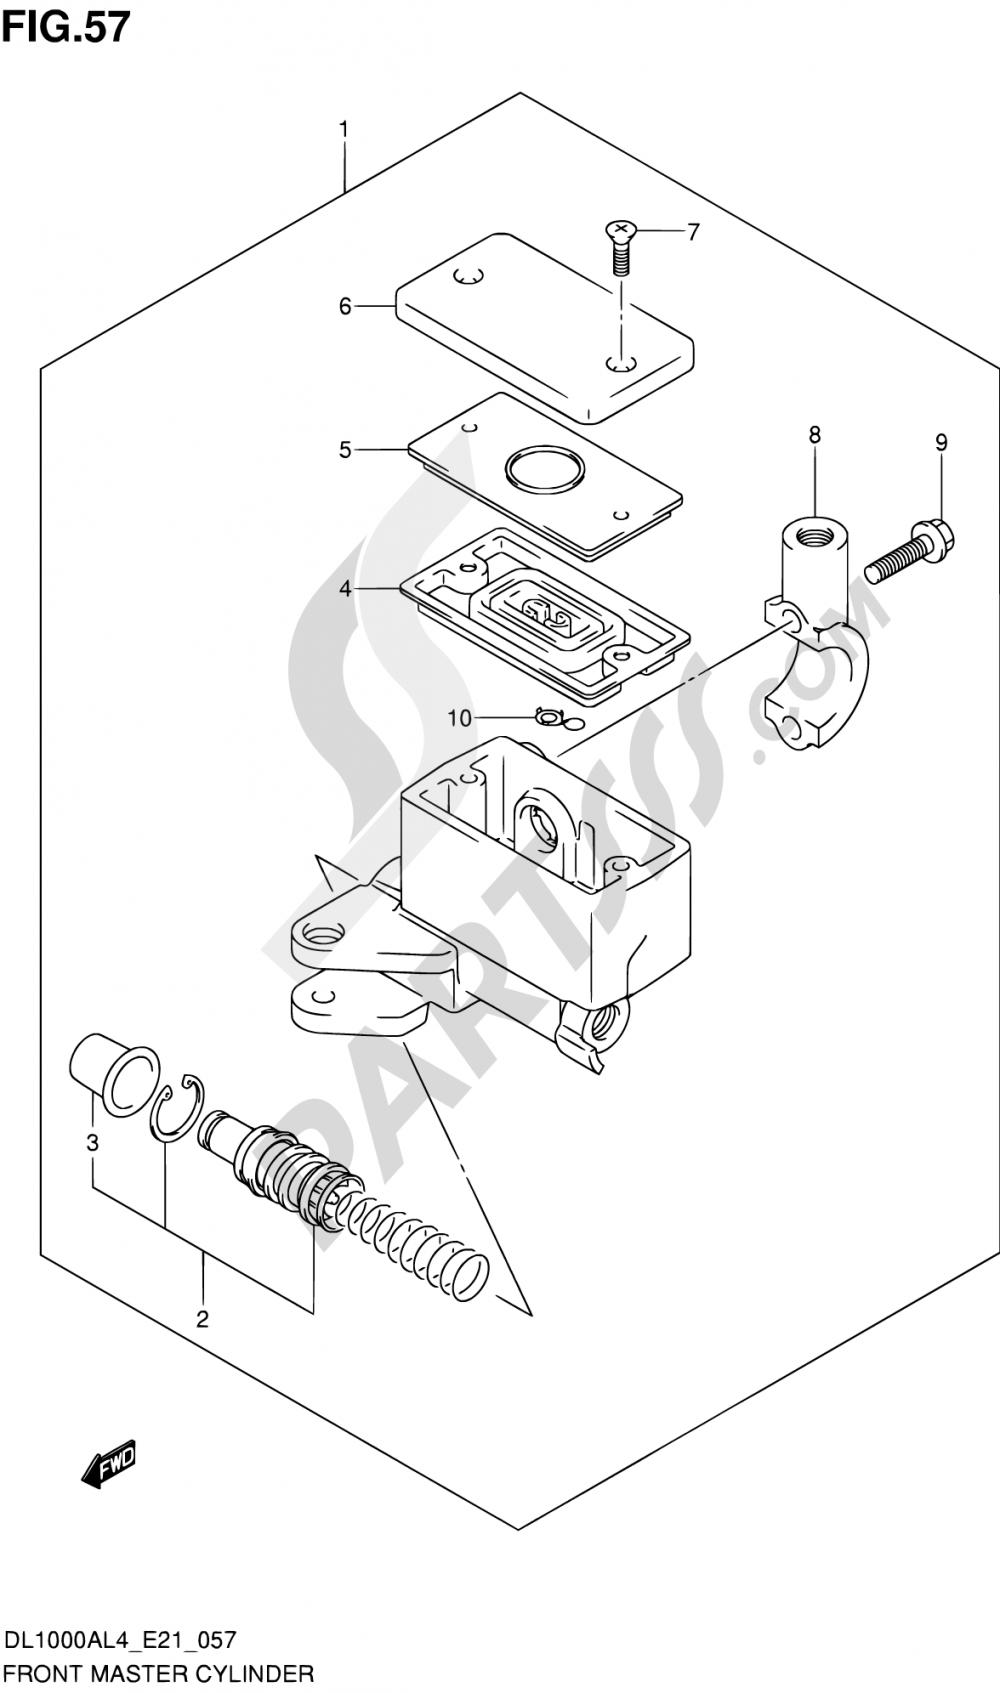 57 - FRONT MASTER CYLINDER Suzuki VSTROM DL1000A 2014